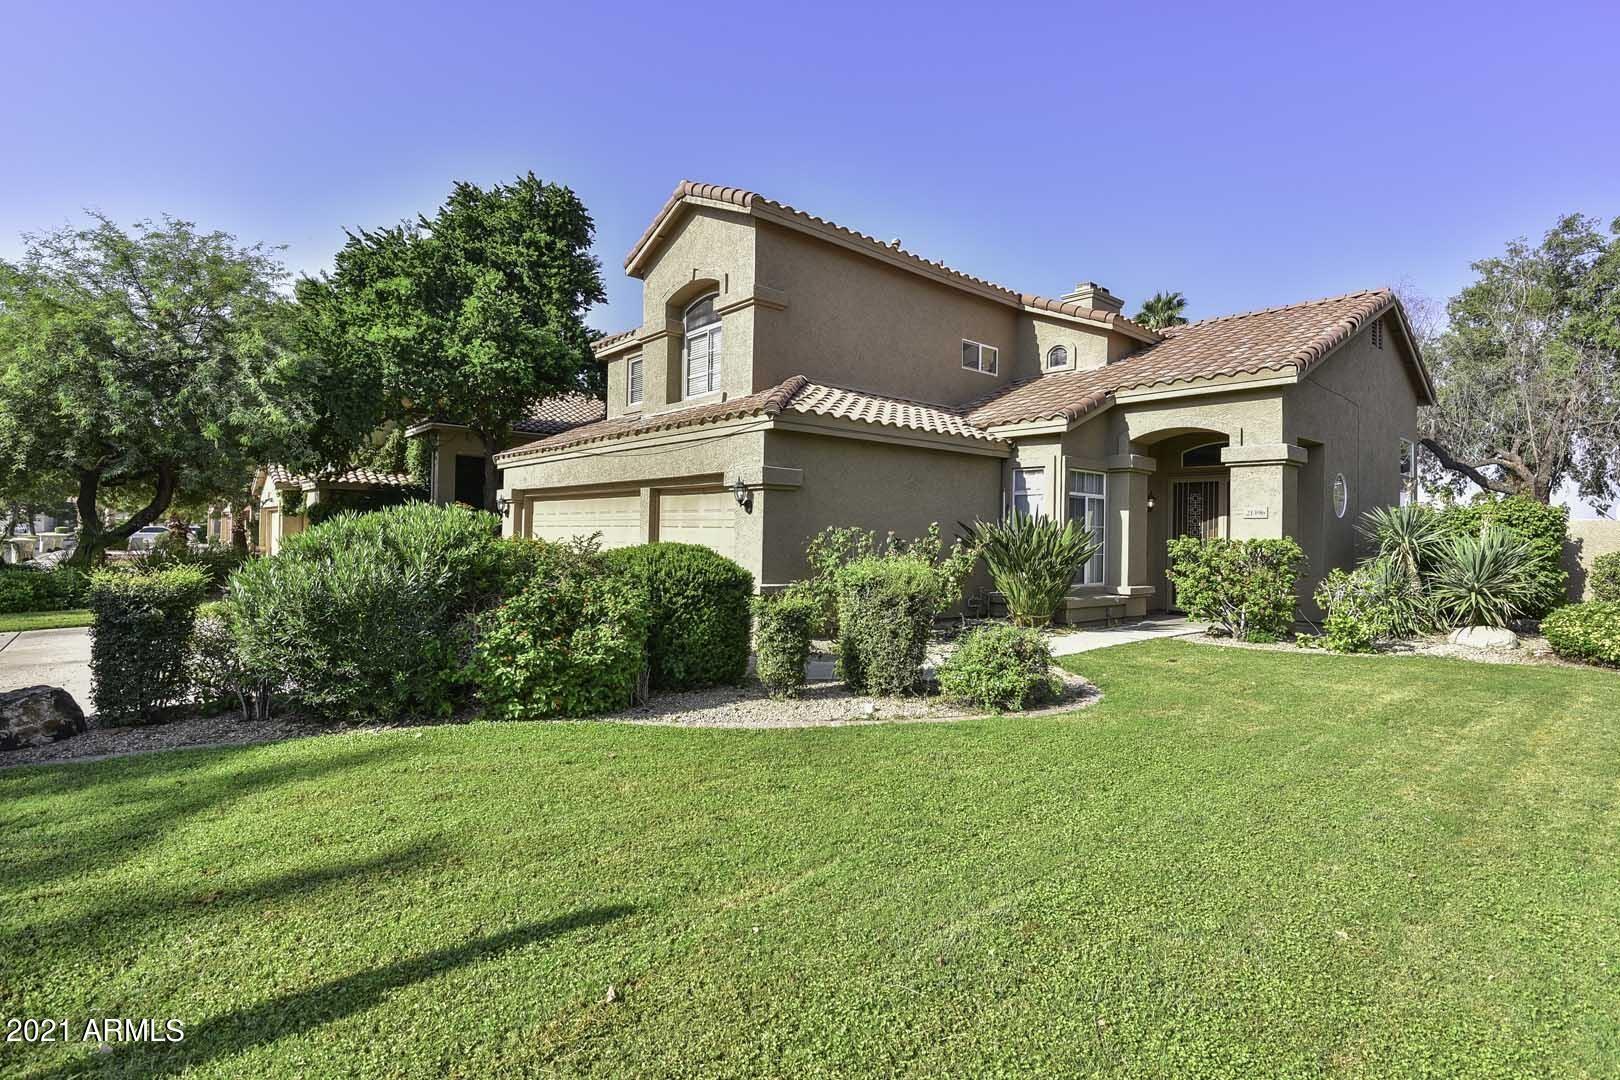 21596 N 59TH Lane, Glendale, AZ 85308 - MLS#: 6294707